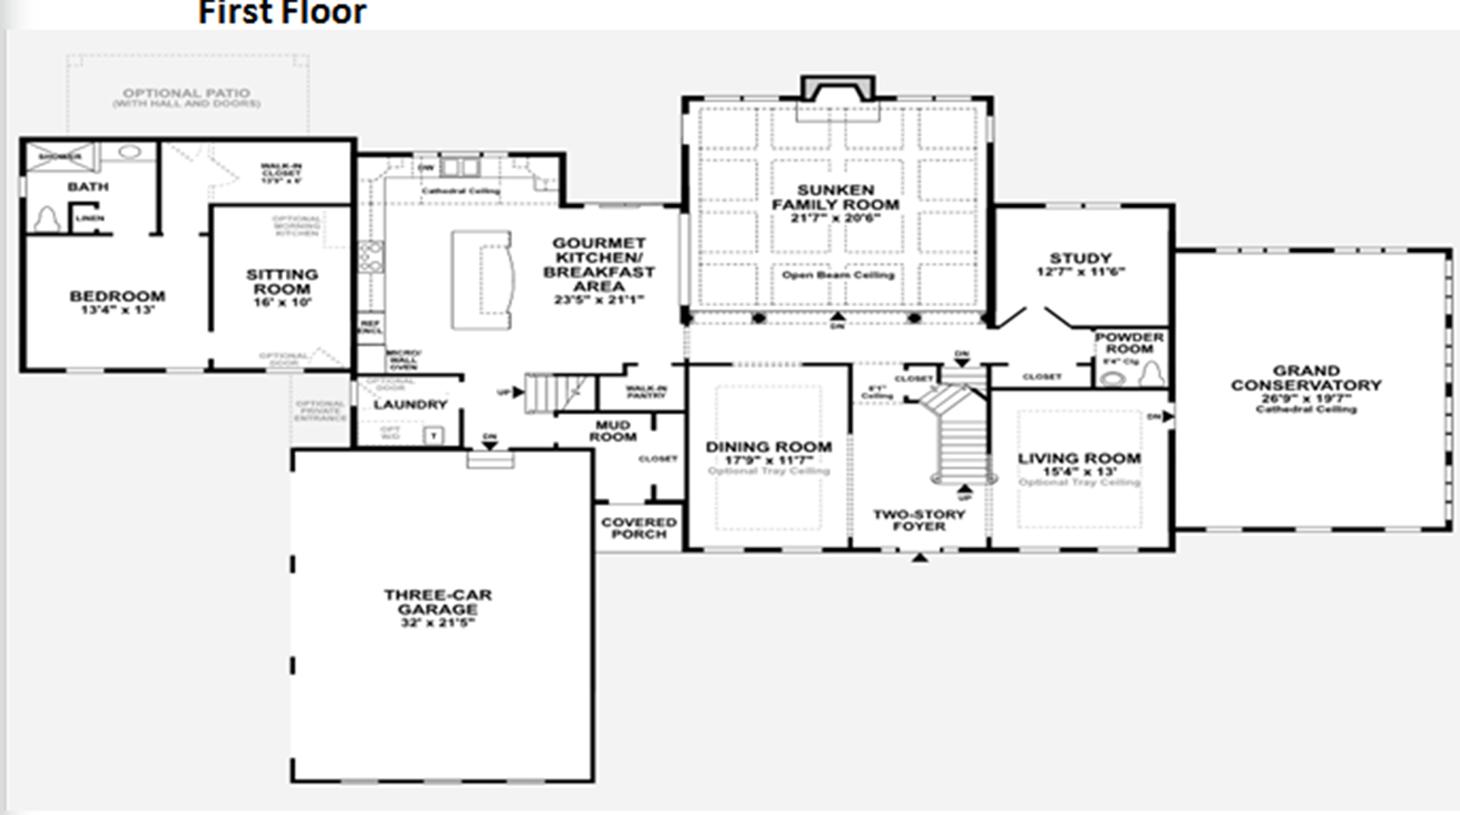 Chelsea Farmhouse - 1st Floor